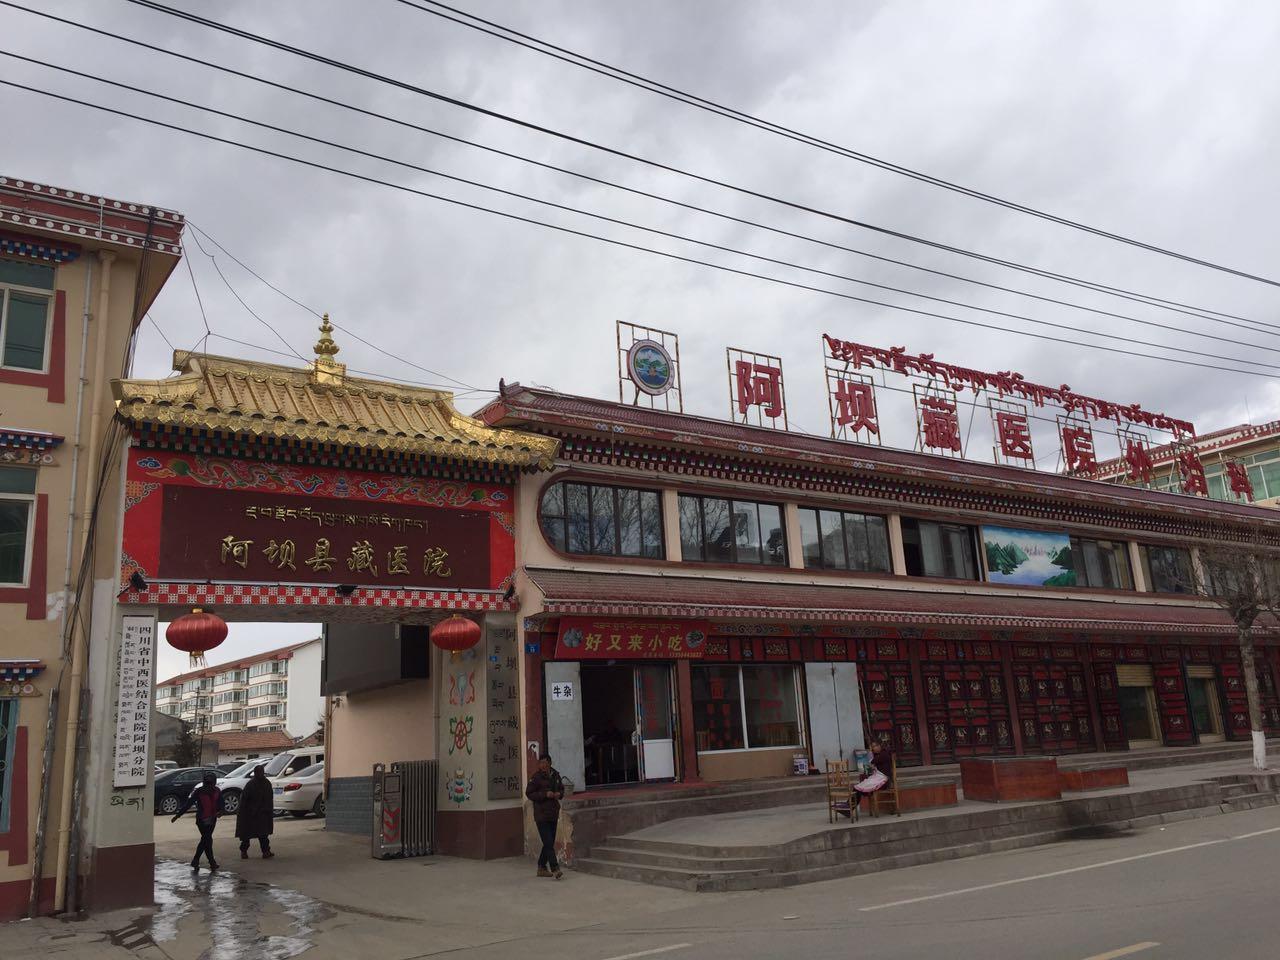 Veränderungen in tibetischen Gebieten (II): Gesundheitsversorgung